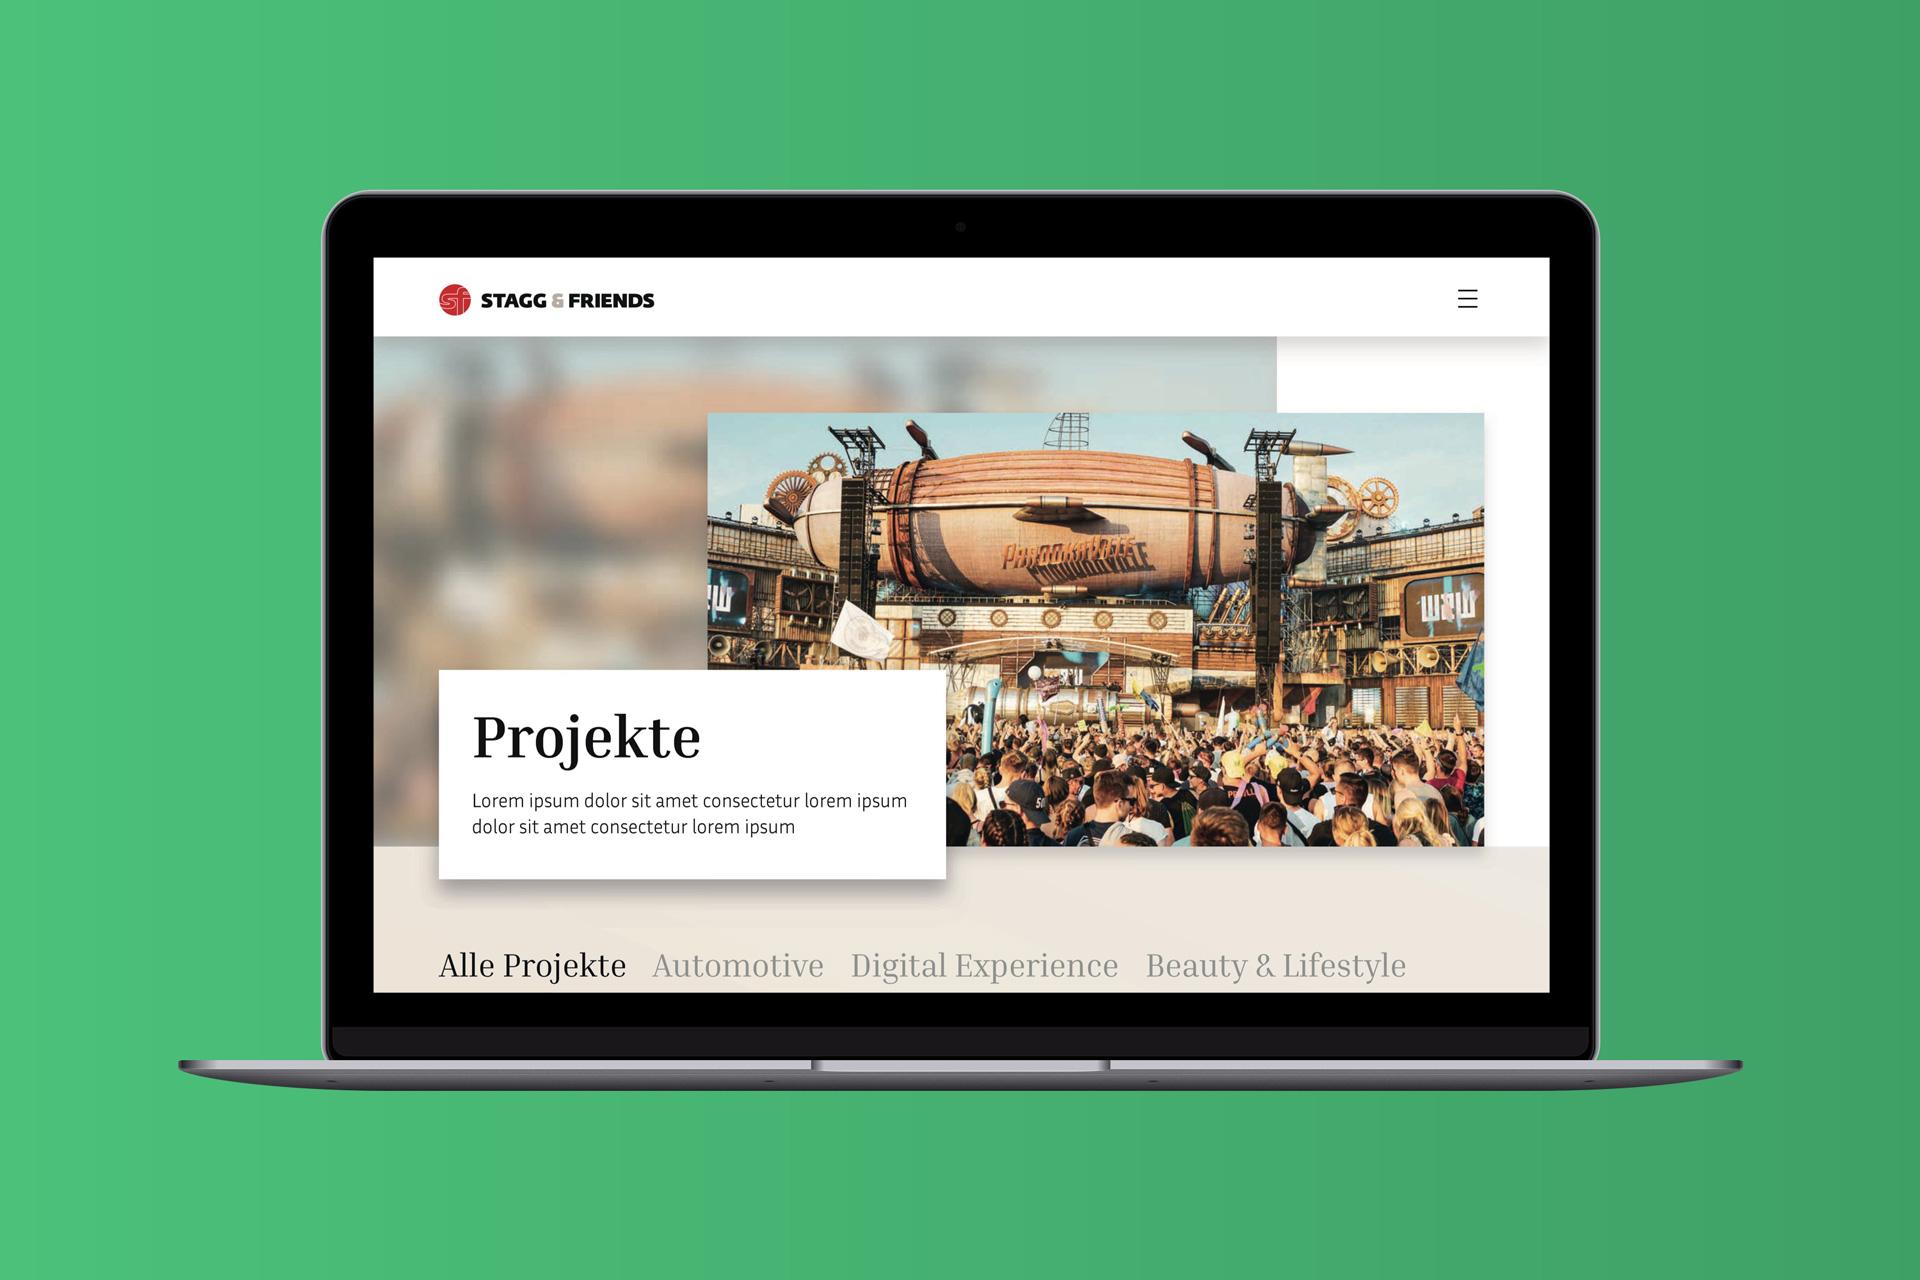 Webdesign für Stagg & Friends